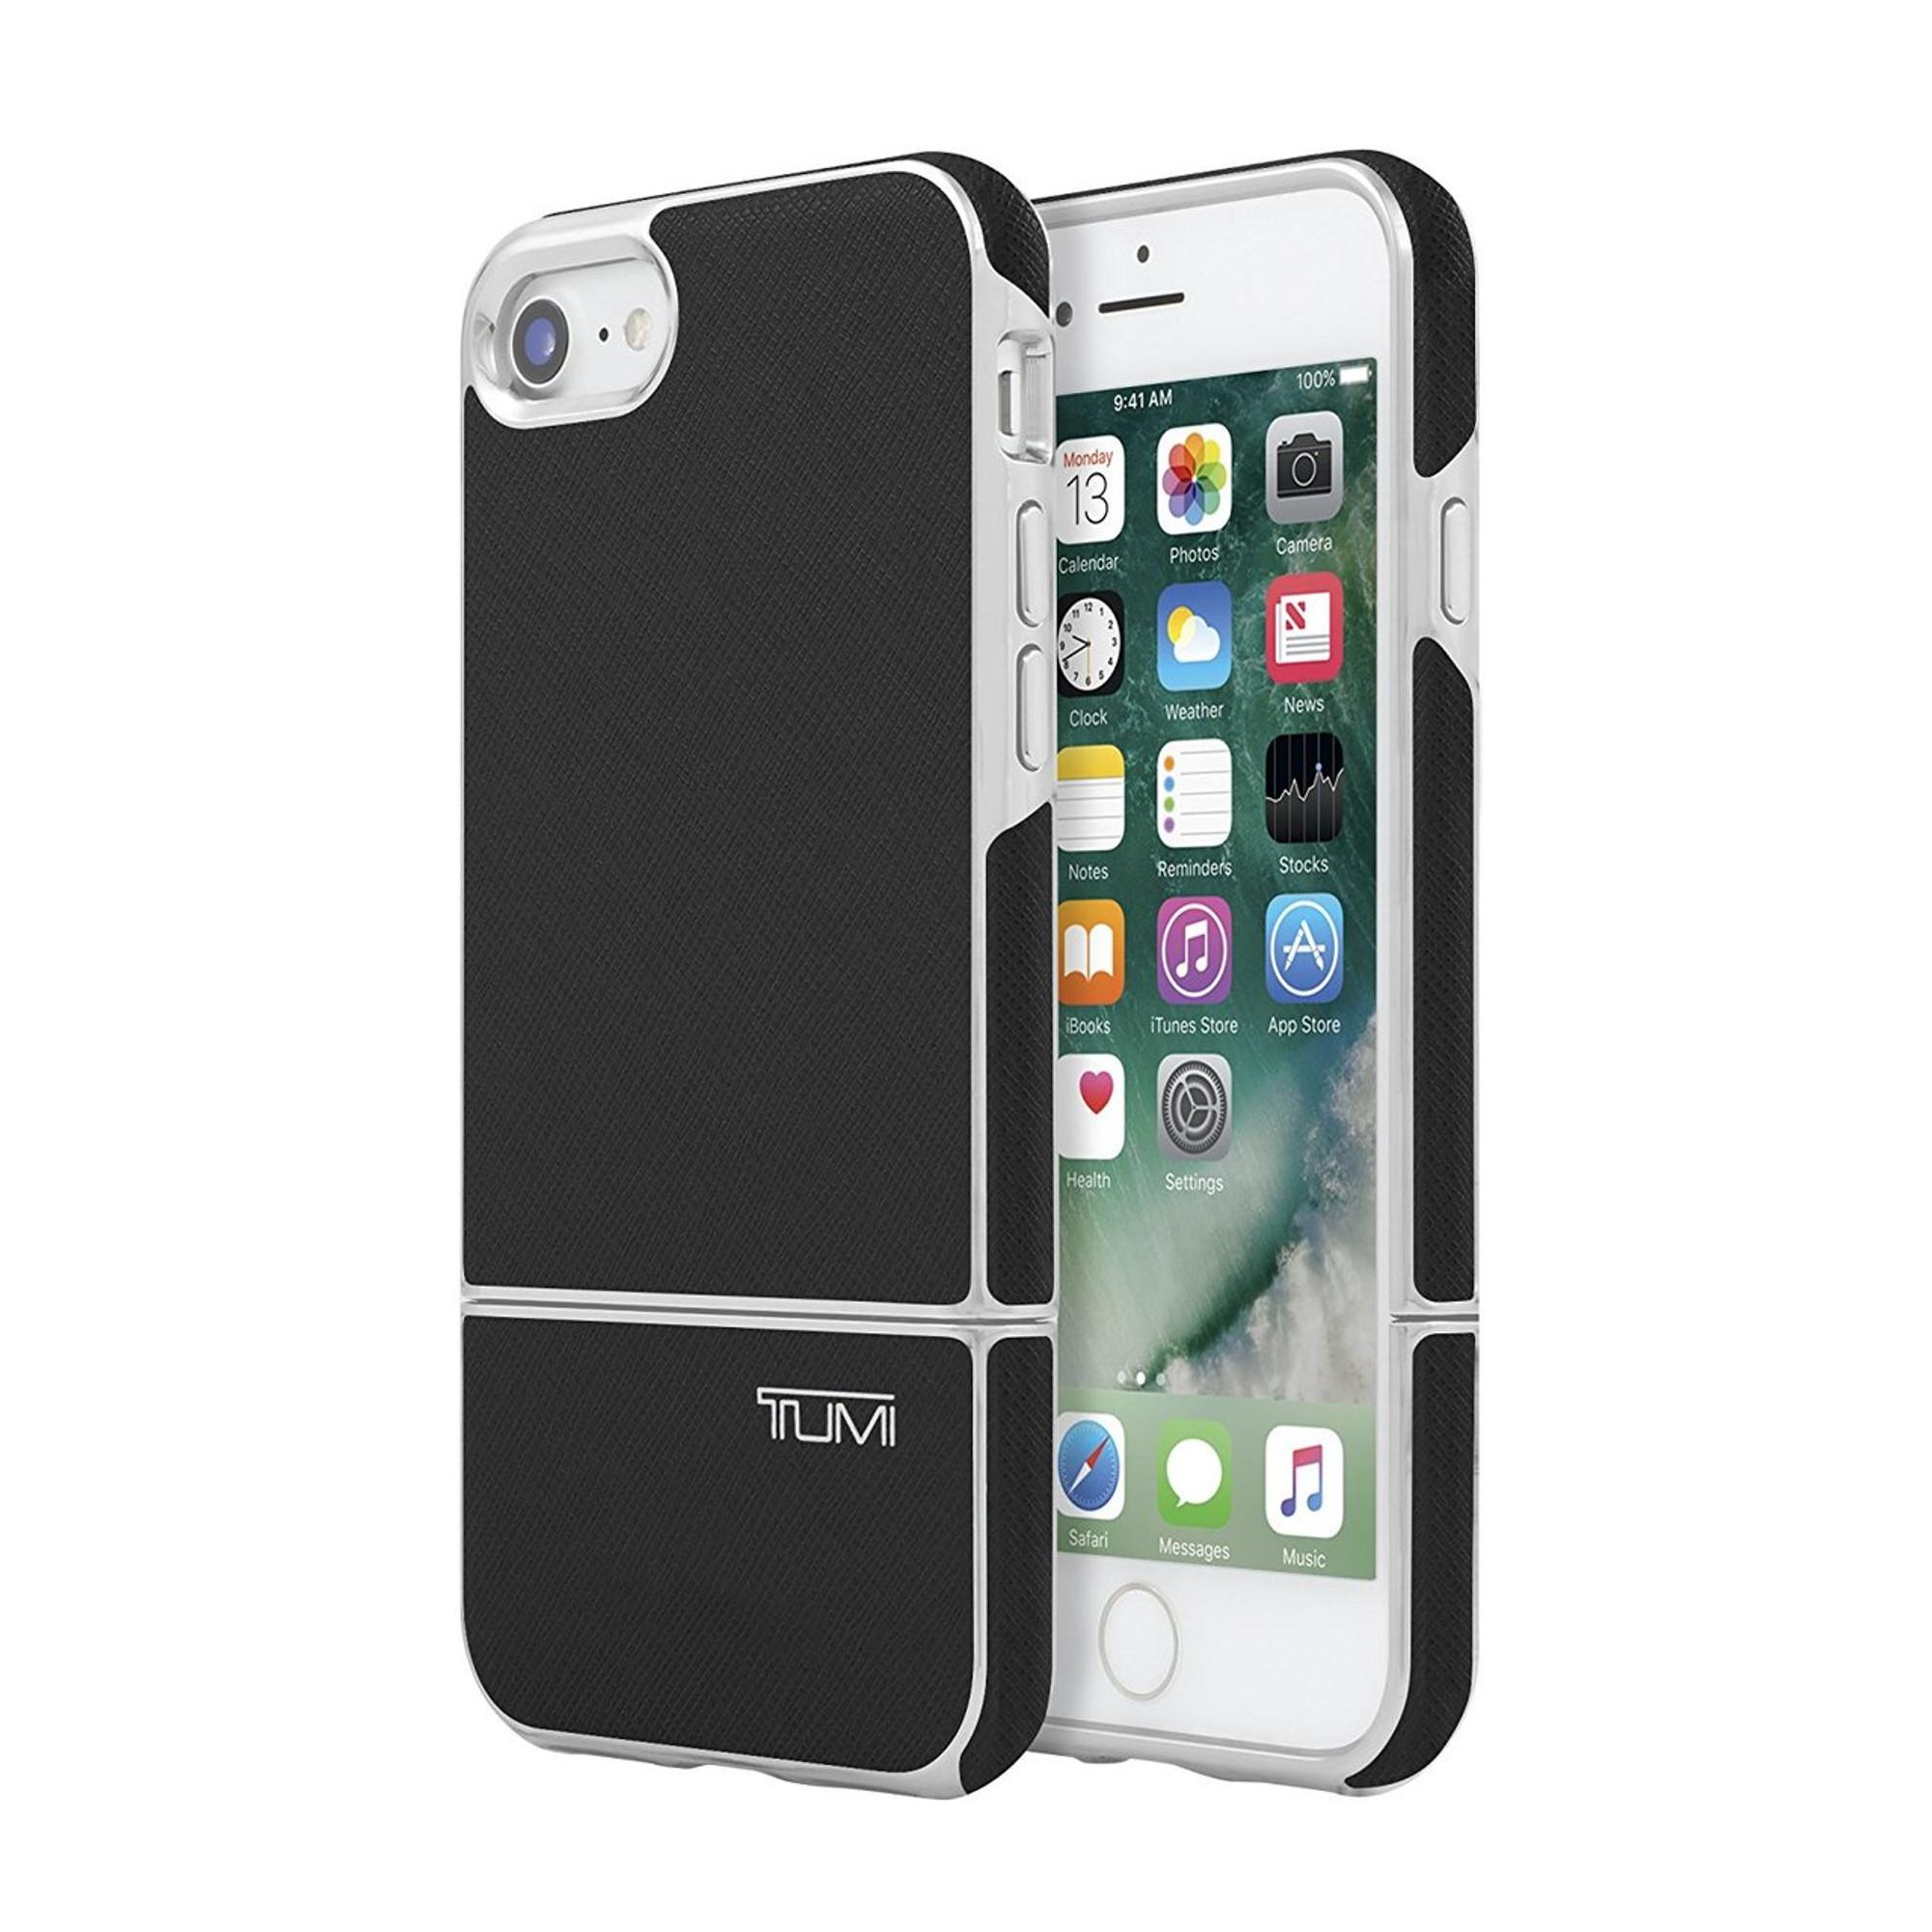 2 piece iphone 7 case